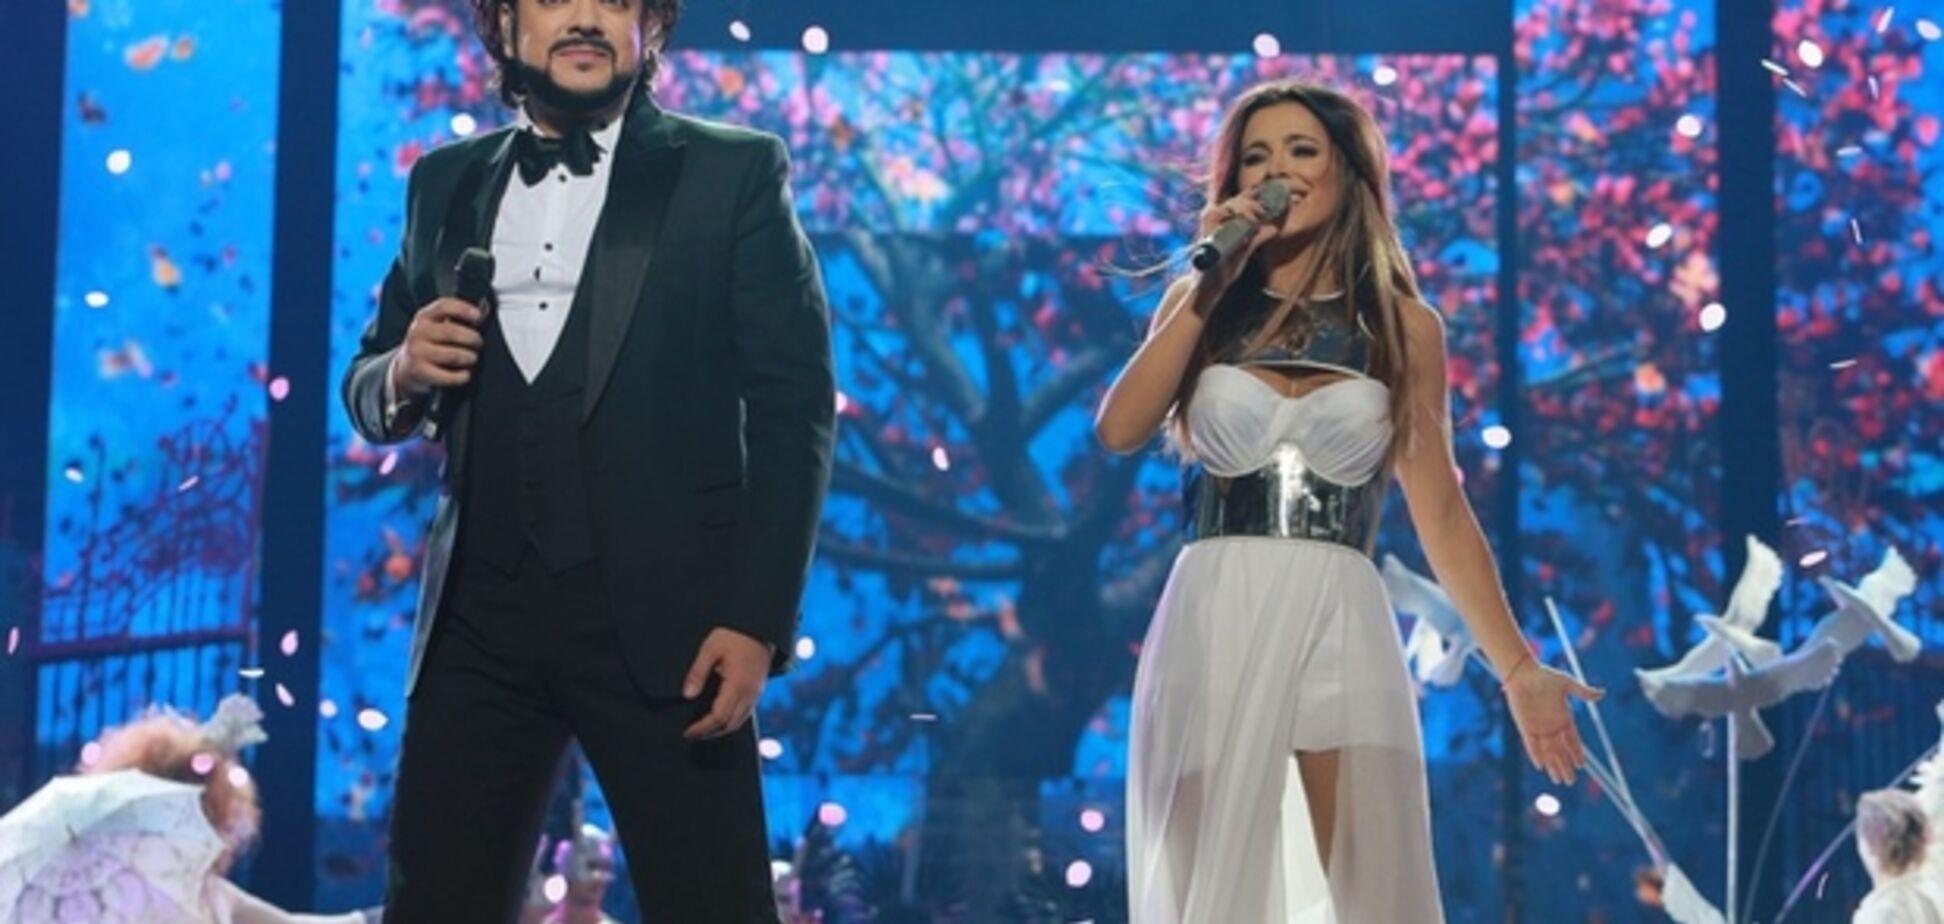 Концерти зірок в РФ